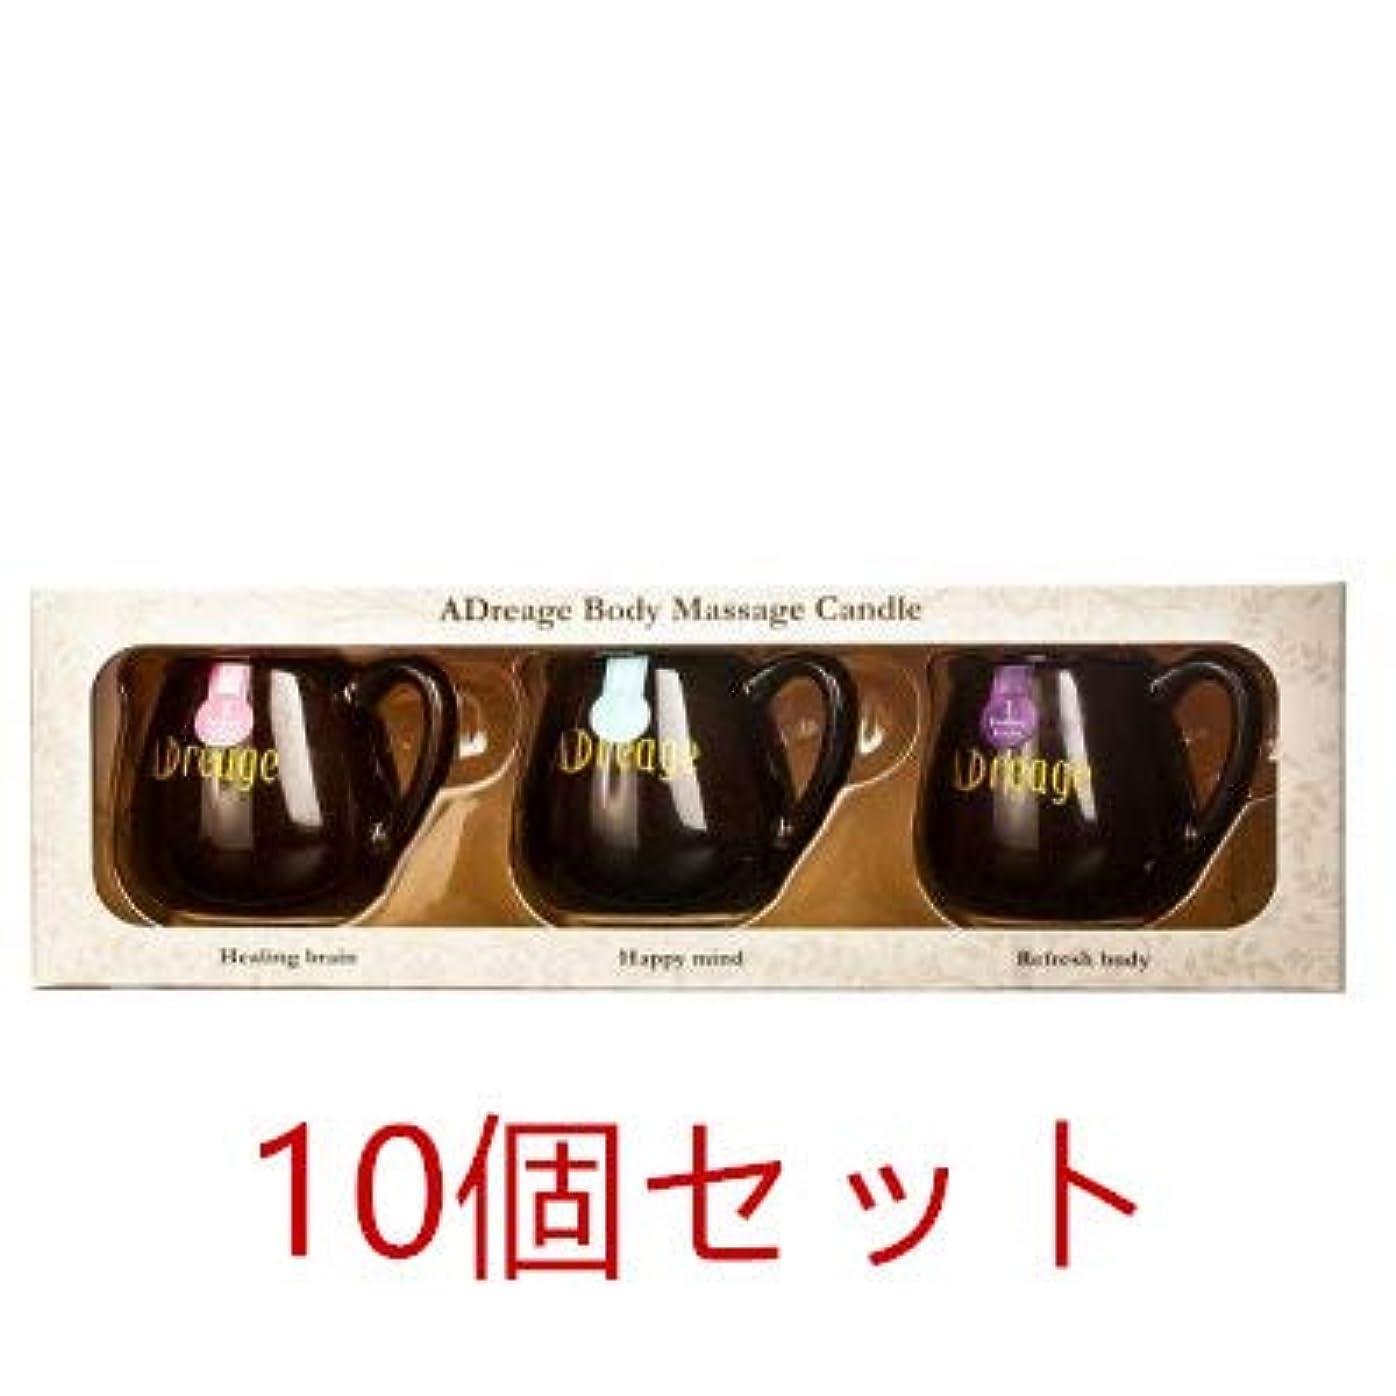 余計なアルコールマウンドSAKURA LOVE Aroma Candle【アドレアージュ キャンドルミニセット】10個セット